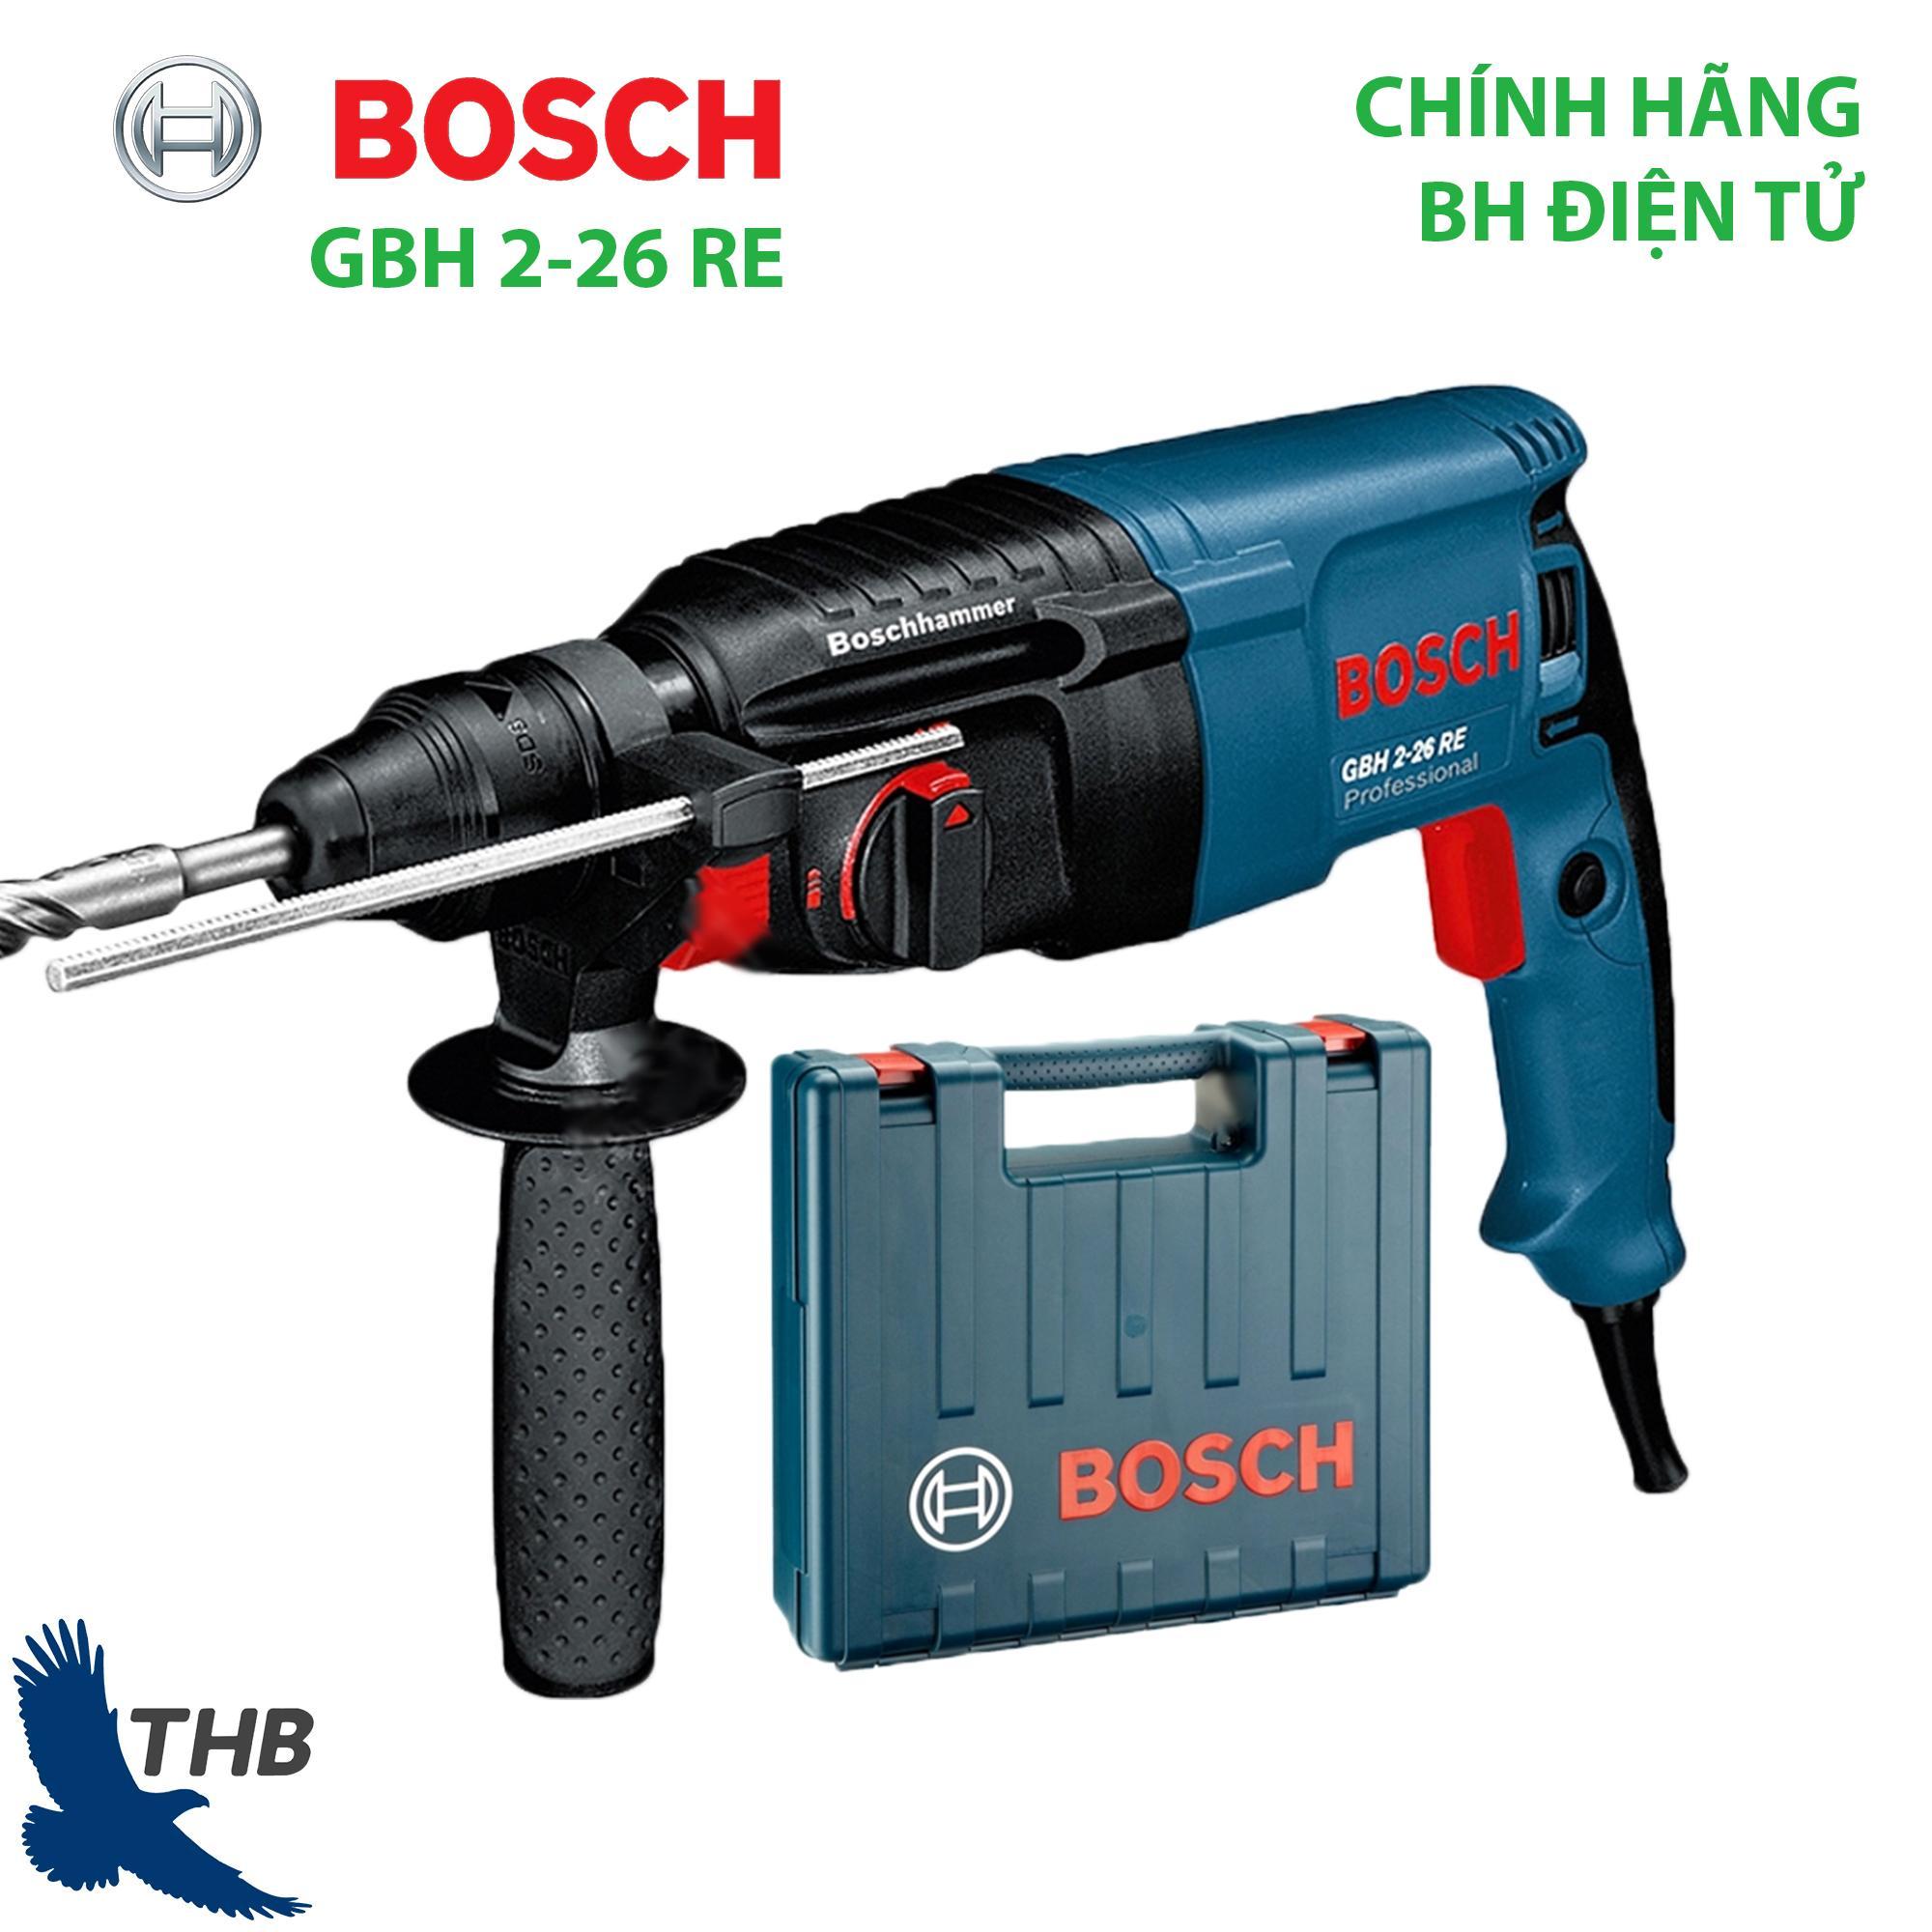 Máy khoan bê tông máy khoan Búa Máy khoan tường Máy khoan đa năng Máy khoan Bosch chính hãng GBH 2-26 RE (Công suất 800W Bảo hành điện tử 12T, xuất xứ Malaysia Khoan bê tông tối đa 26mm) 3 Chức năng khoan xoay Khoan búa và Công tắc điện tử